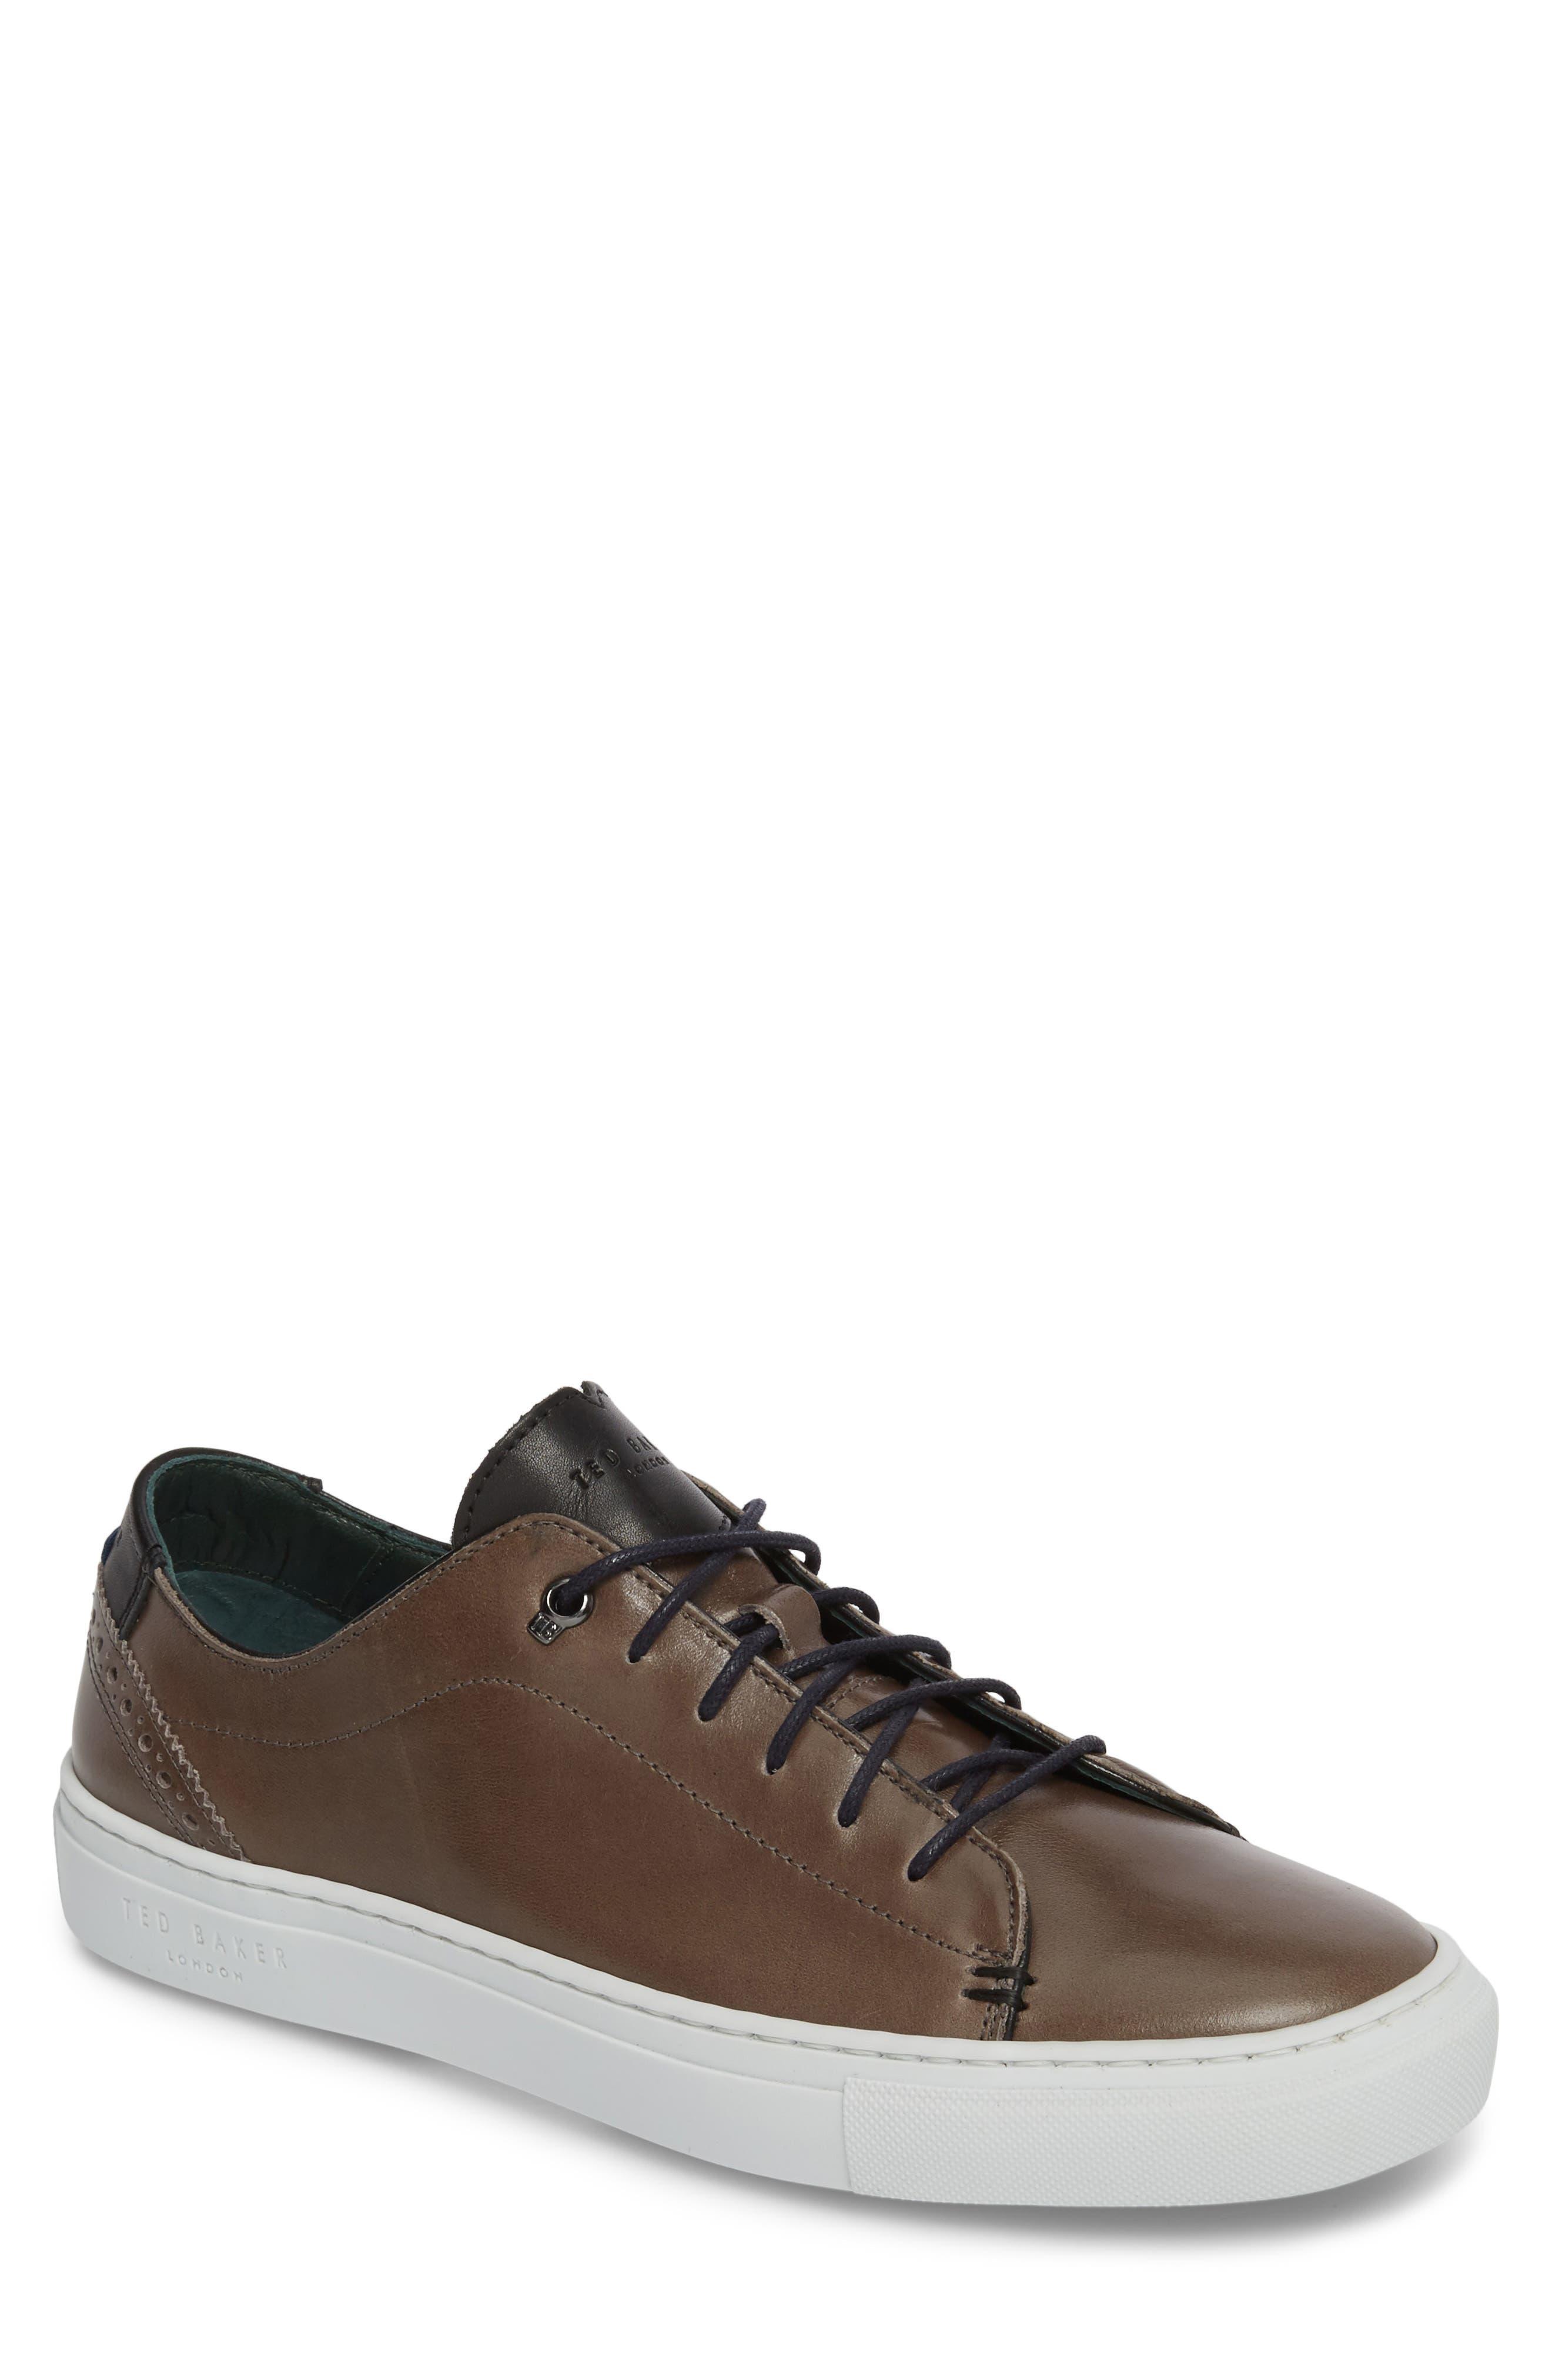 Alternate Image 1 Selected - Ted Baker London Duuke 2 Sneaker (Men)